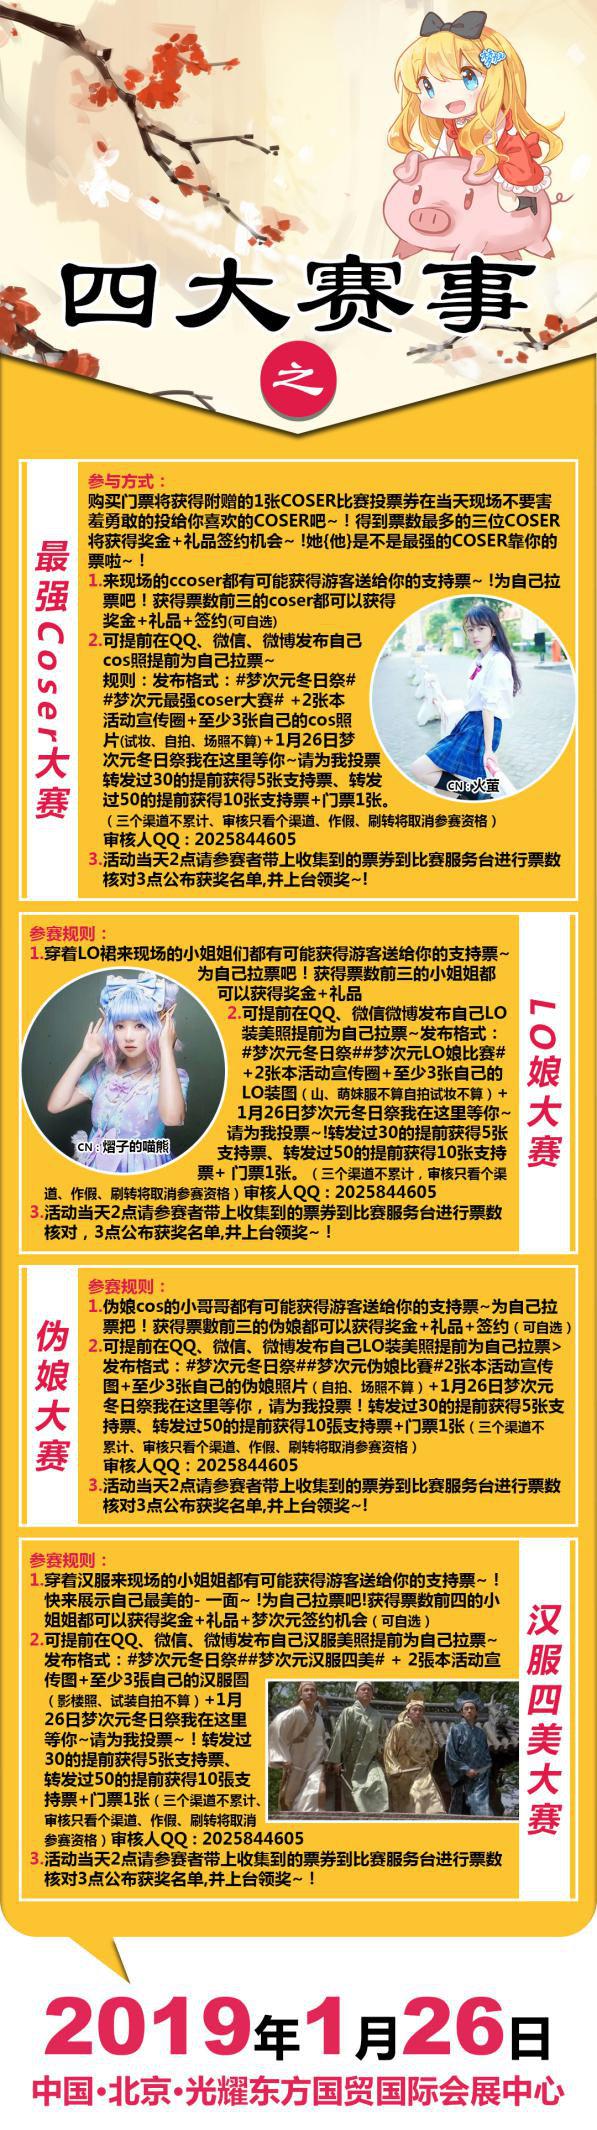 2019年1月26日M20梦次元冬日祭动漫展-今天开始放羊!寒假第一Zhan! 展会活动-第6张